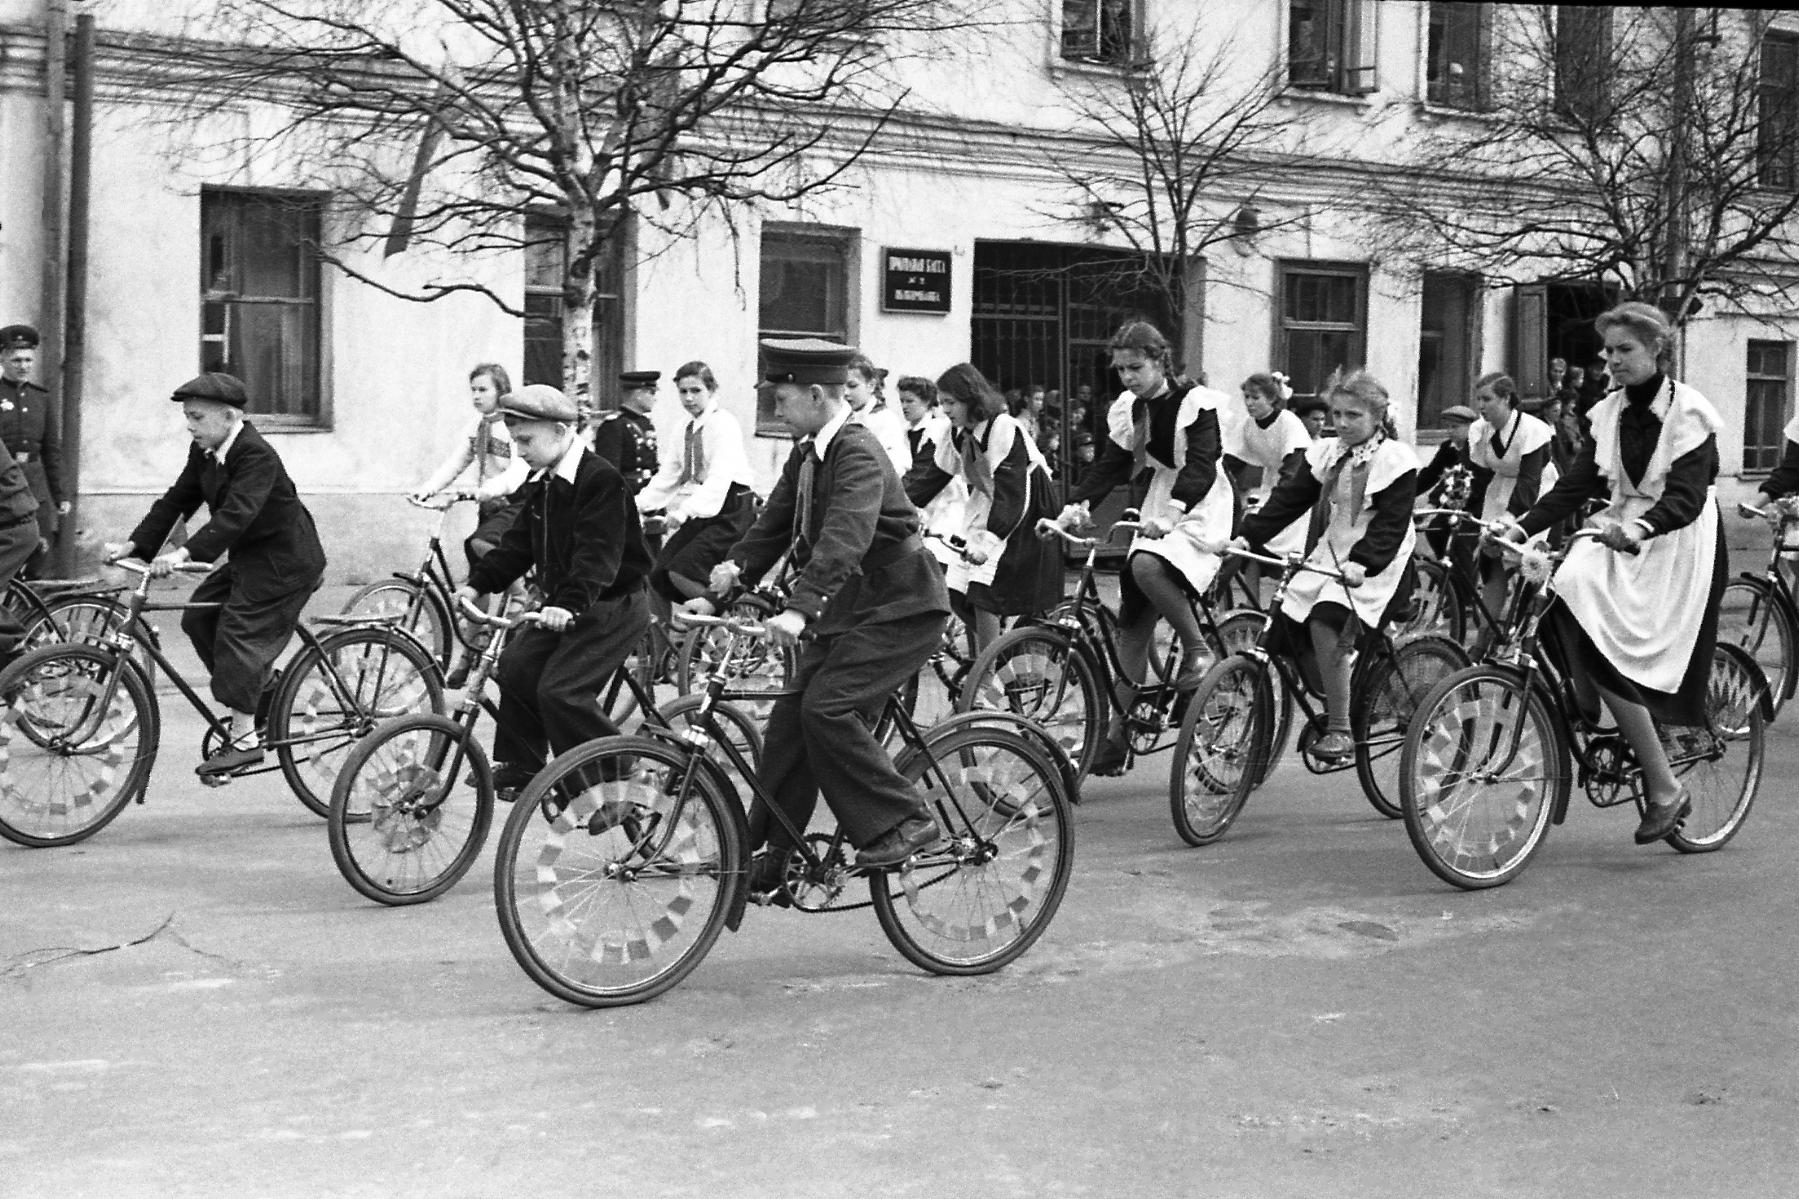 Культура велосипедной езды в СССР подтверждалась умением ровно проехать перед трибуной